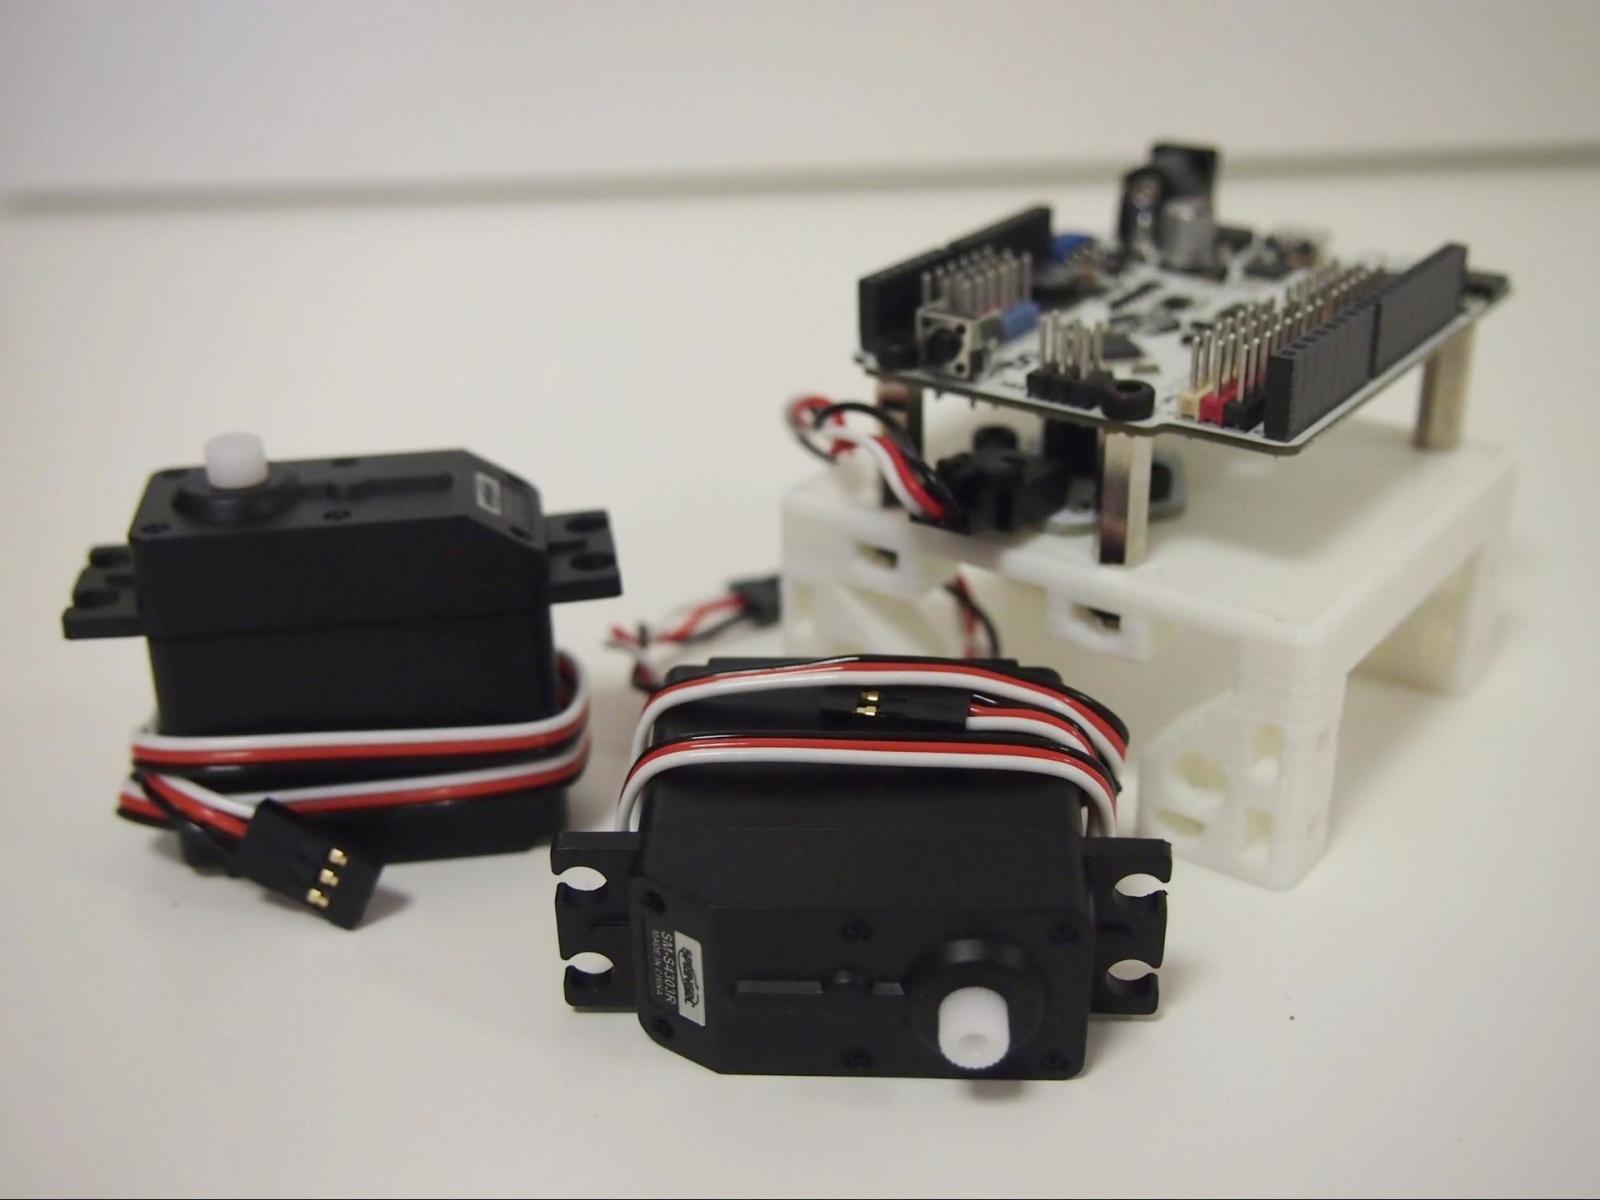 DIY Робот или эволюция в комплекте - 12